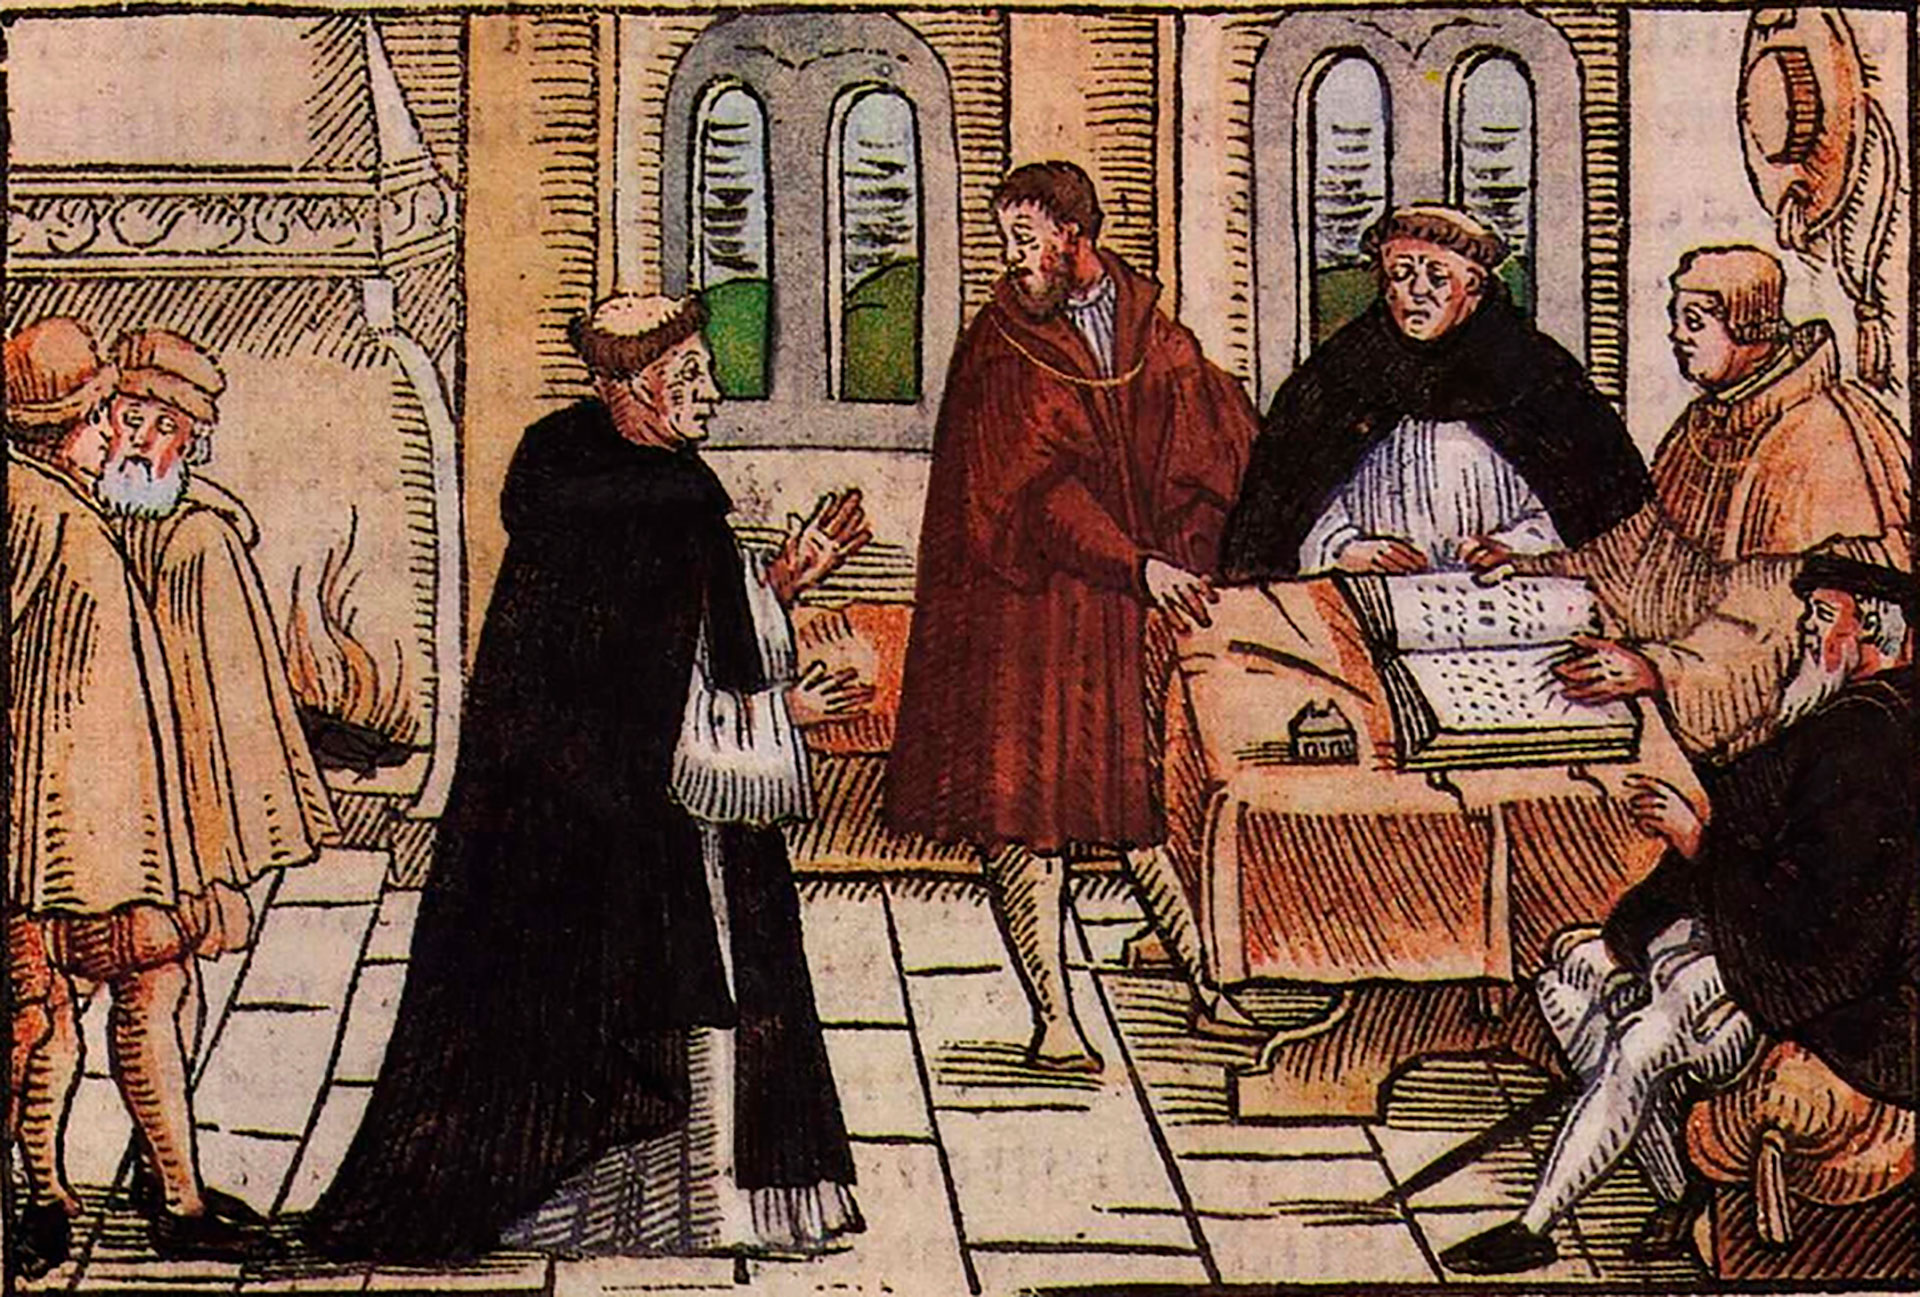 Lutero comparece ante las autoridades eclesiásticas, en 1518